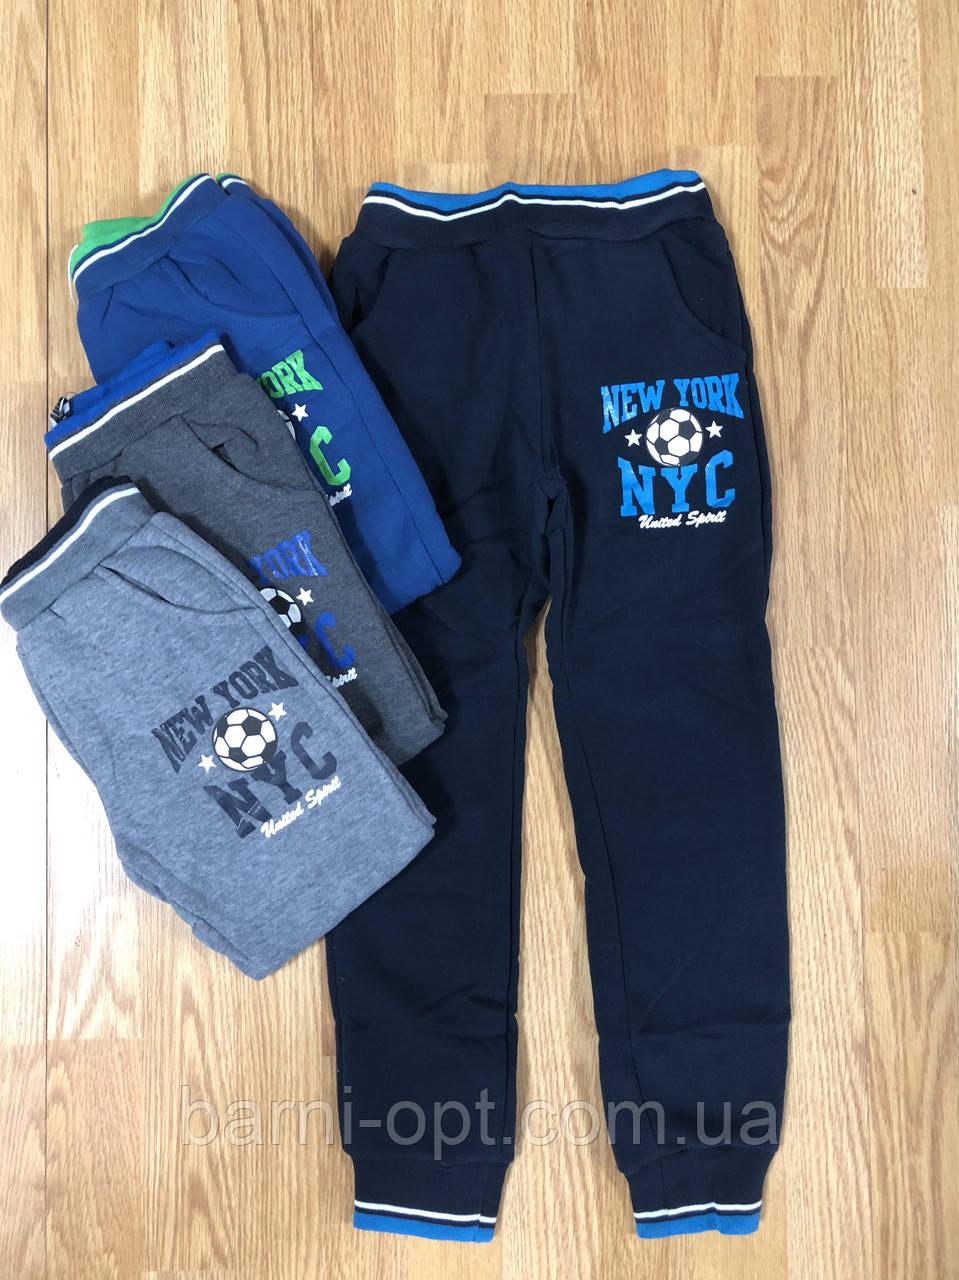 Спортивные утепленные штаны на мальчика оптом, Active Sport 98-128 рр